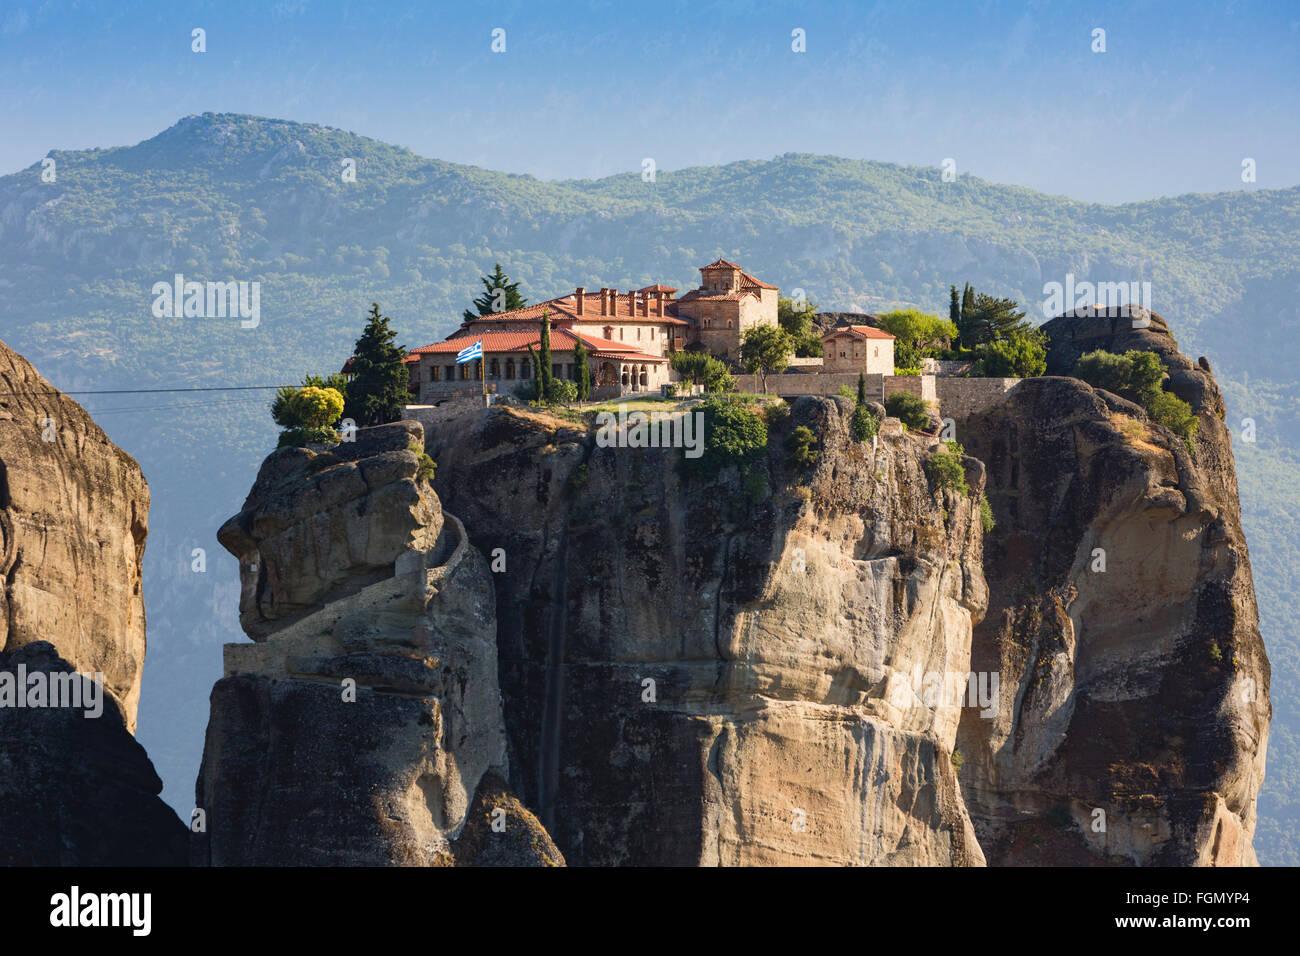 Météores, Thessalie, Grèce. L'Église orthodoxe du Monastère de la Sainte Trinité. Photo Stock